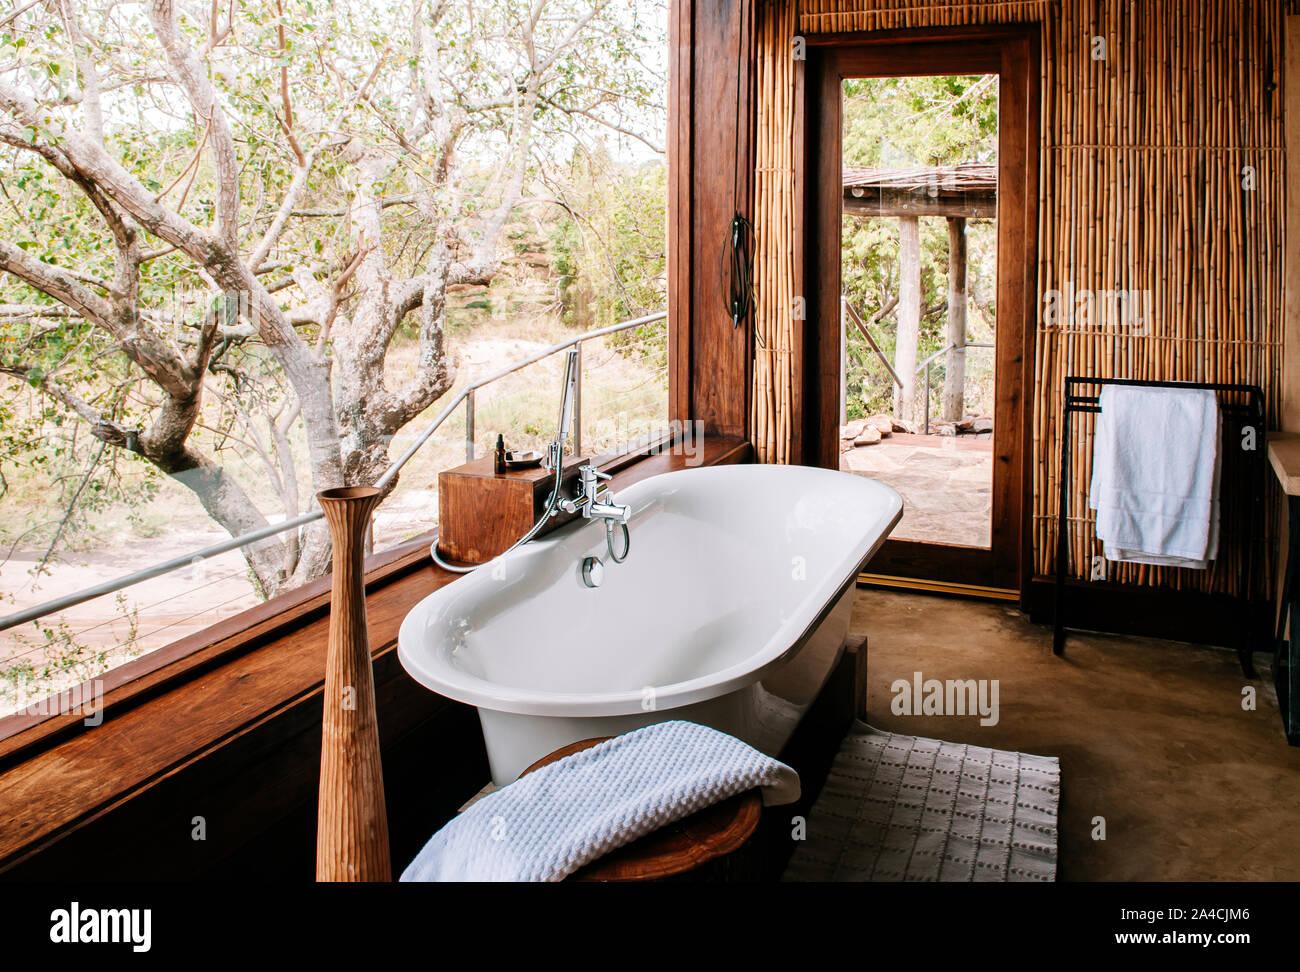 Salle De Bain Deco Bambou jun 20, 2011 tanzanie - salle de bain en plein air avec une